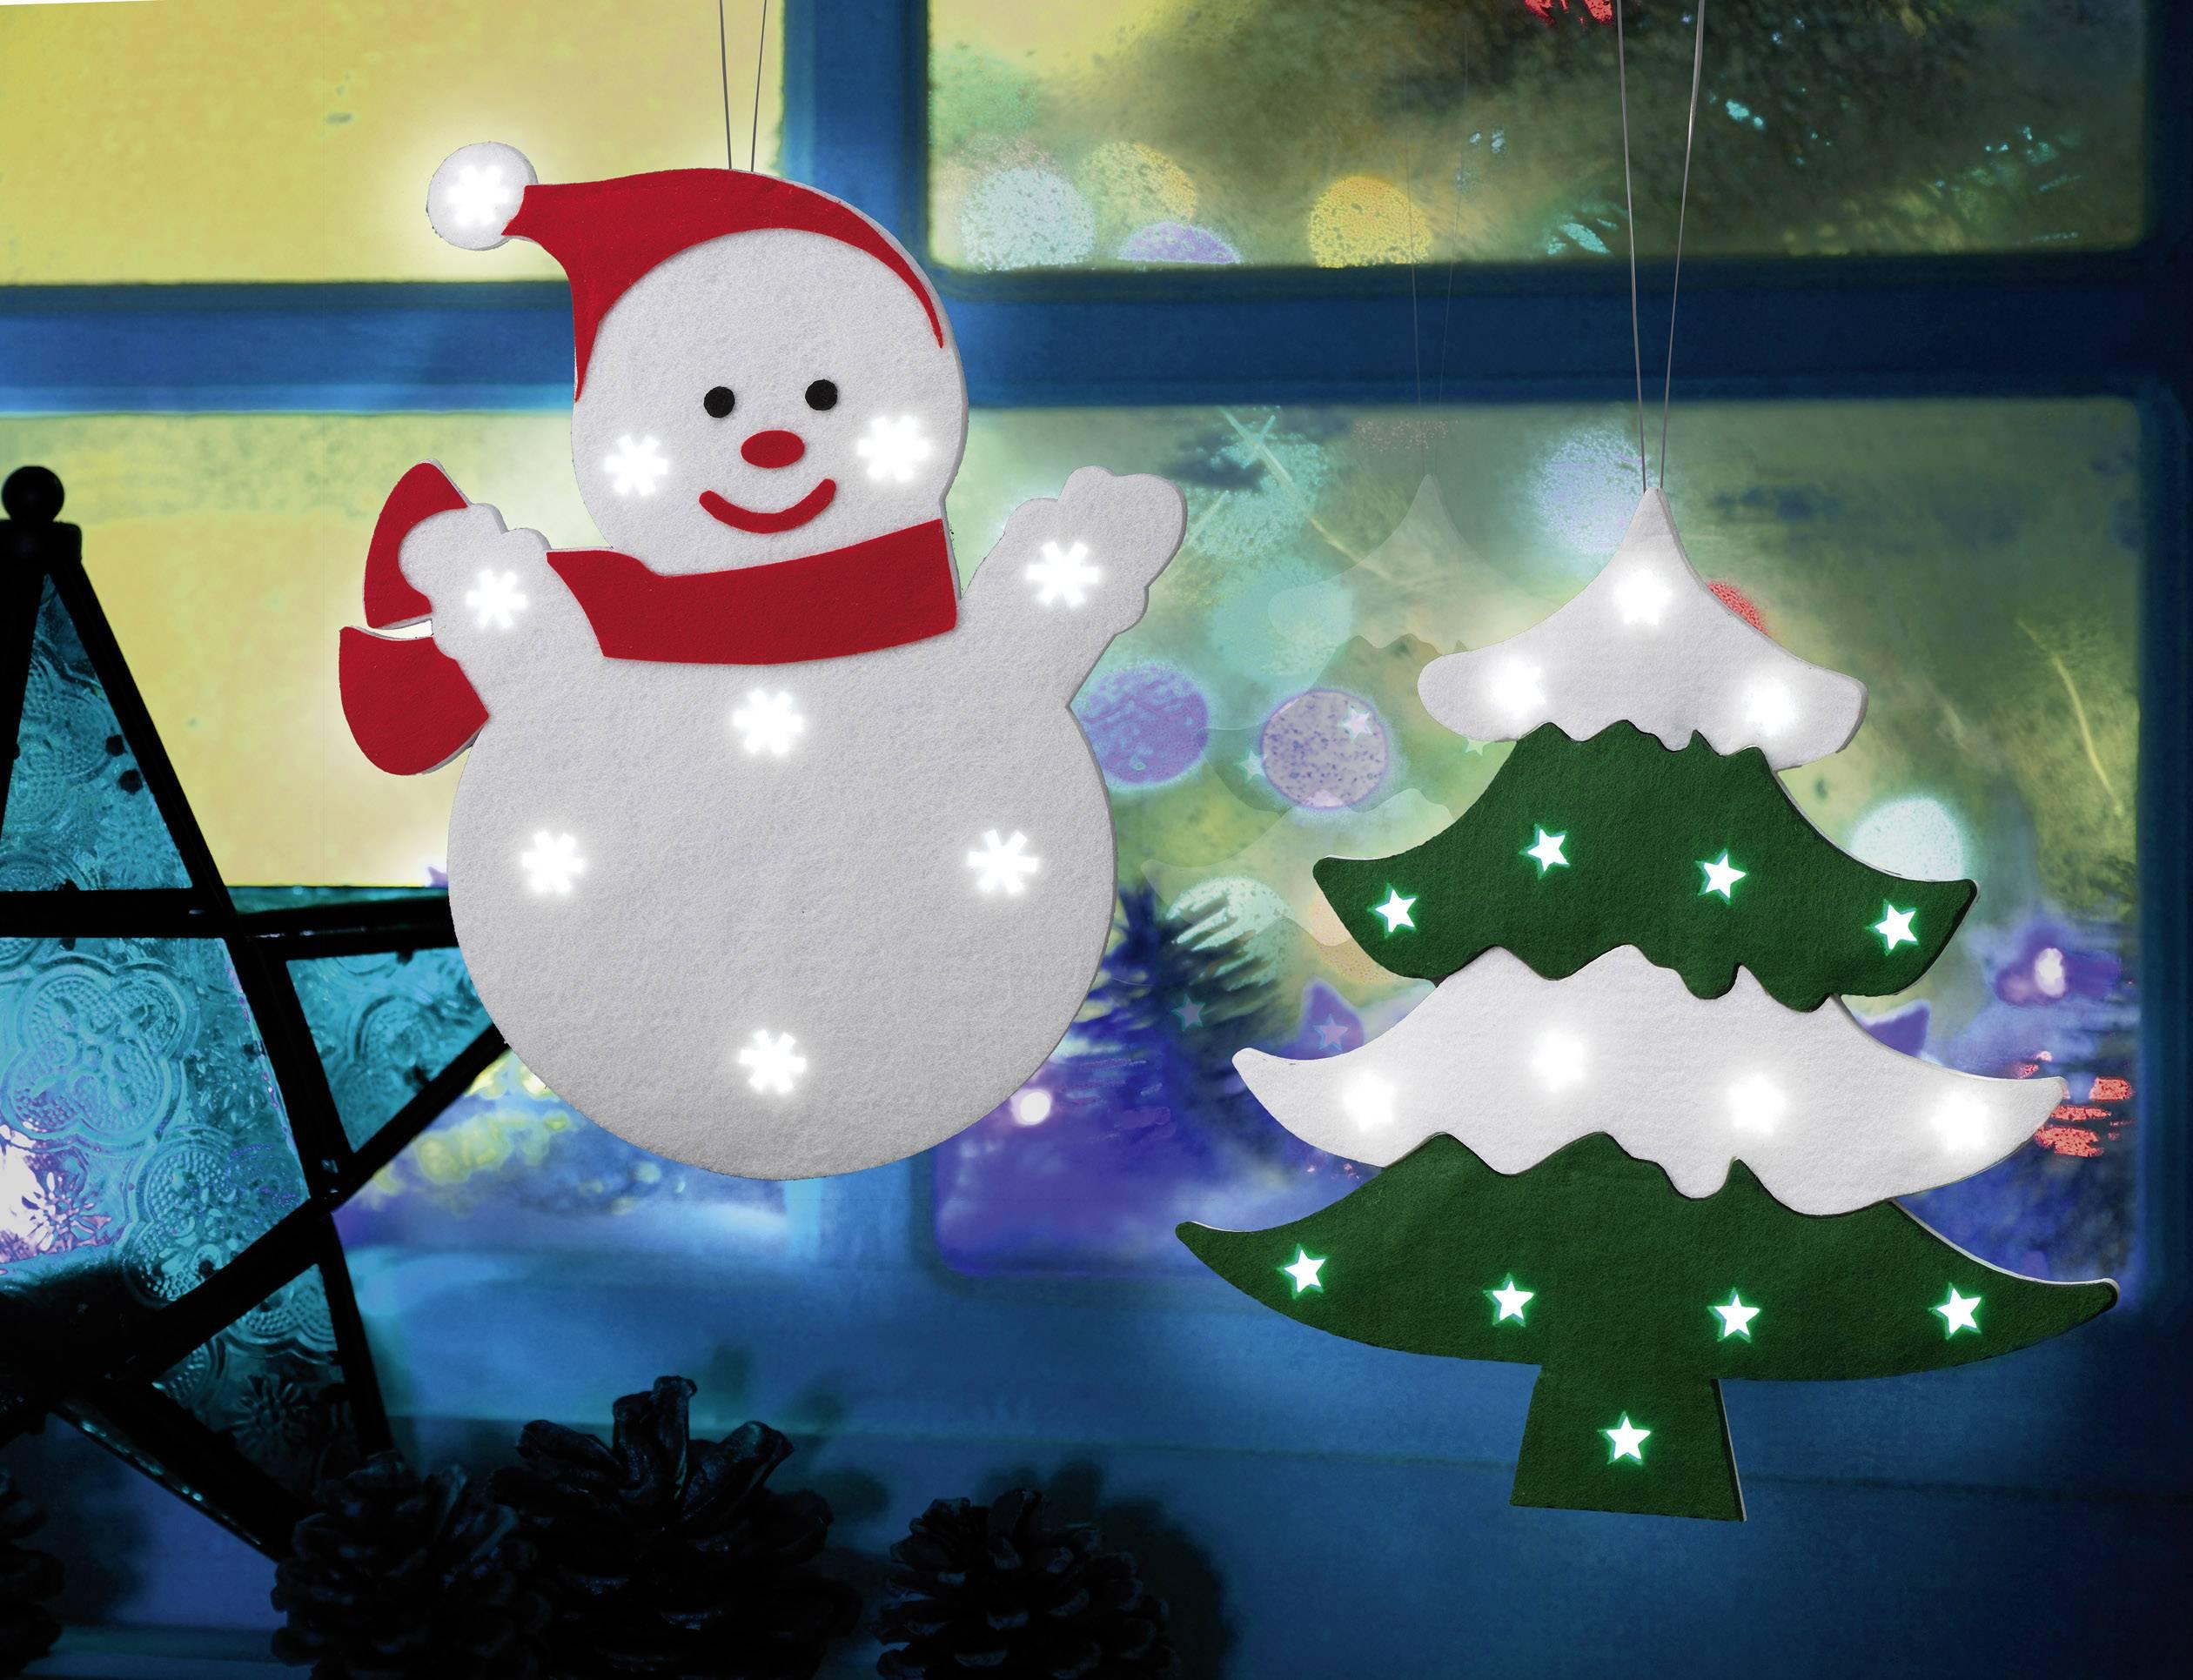 Zwart Wit Kerstdecoraties : Polarlite lde 02 003 led kerstdecoratie kerstboom led groen wit